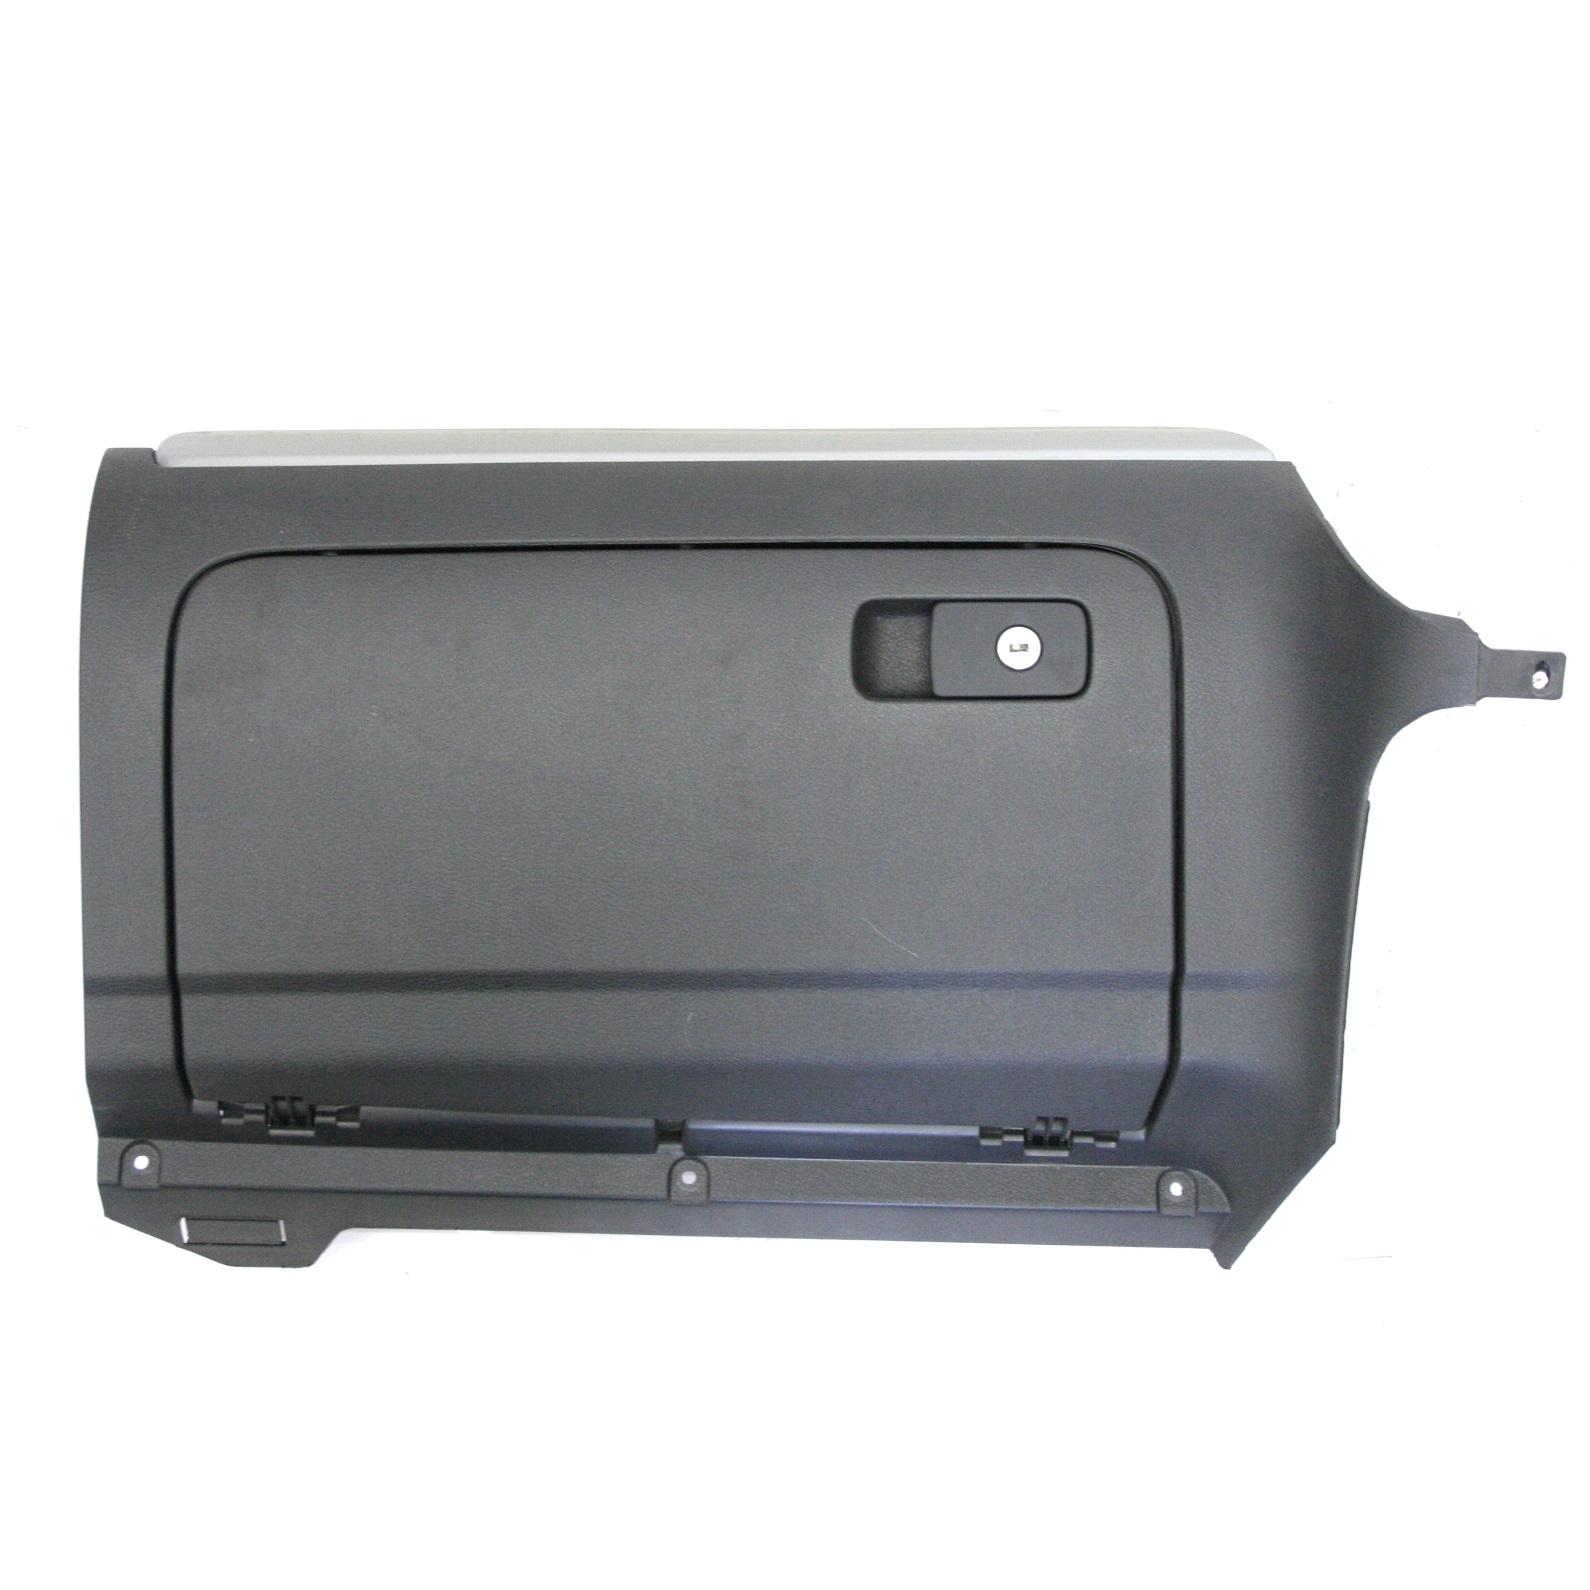 Eos Volkswagen Used: Used Genuine VW EOS Glovebox - Black 1K2 857 290